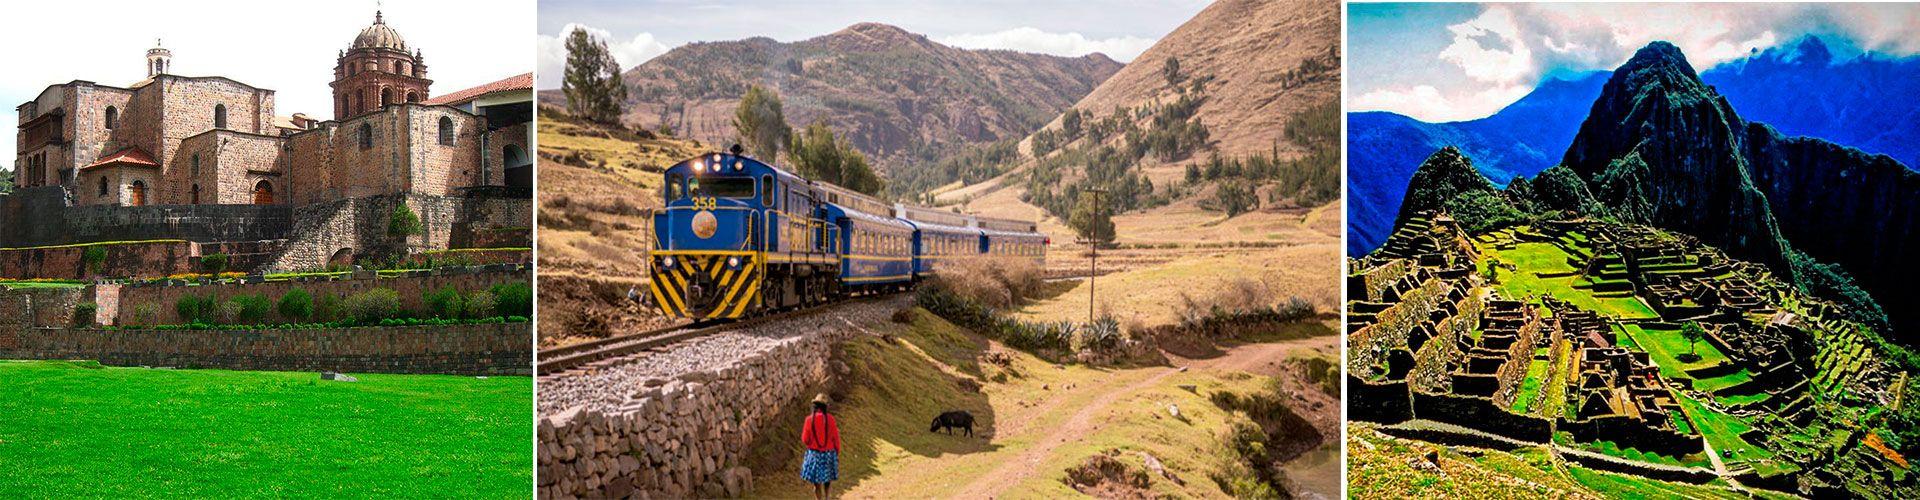 Cusco Salkantay Trek 8D/7N Package